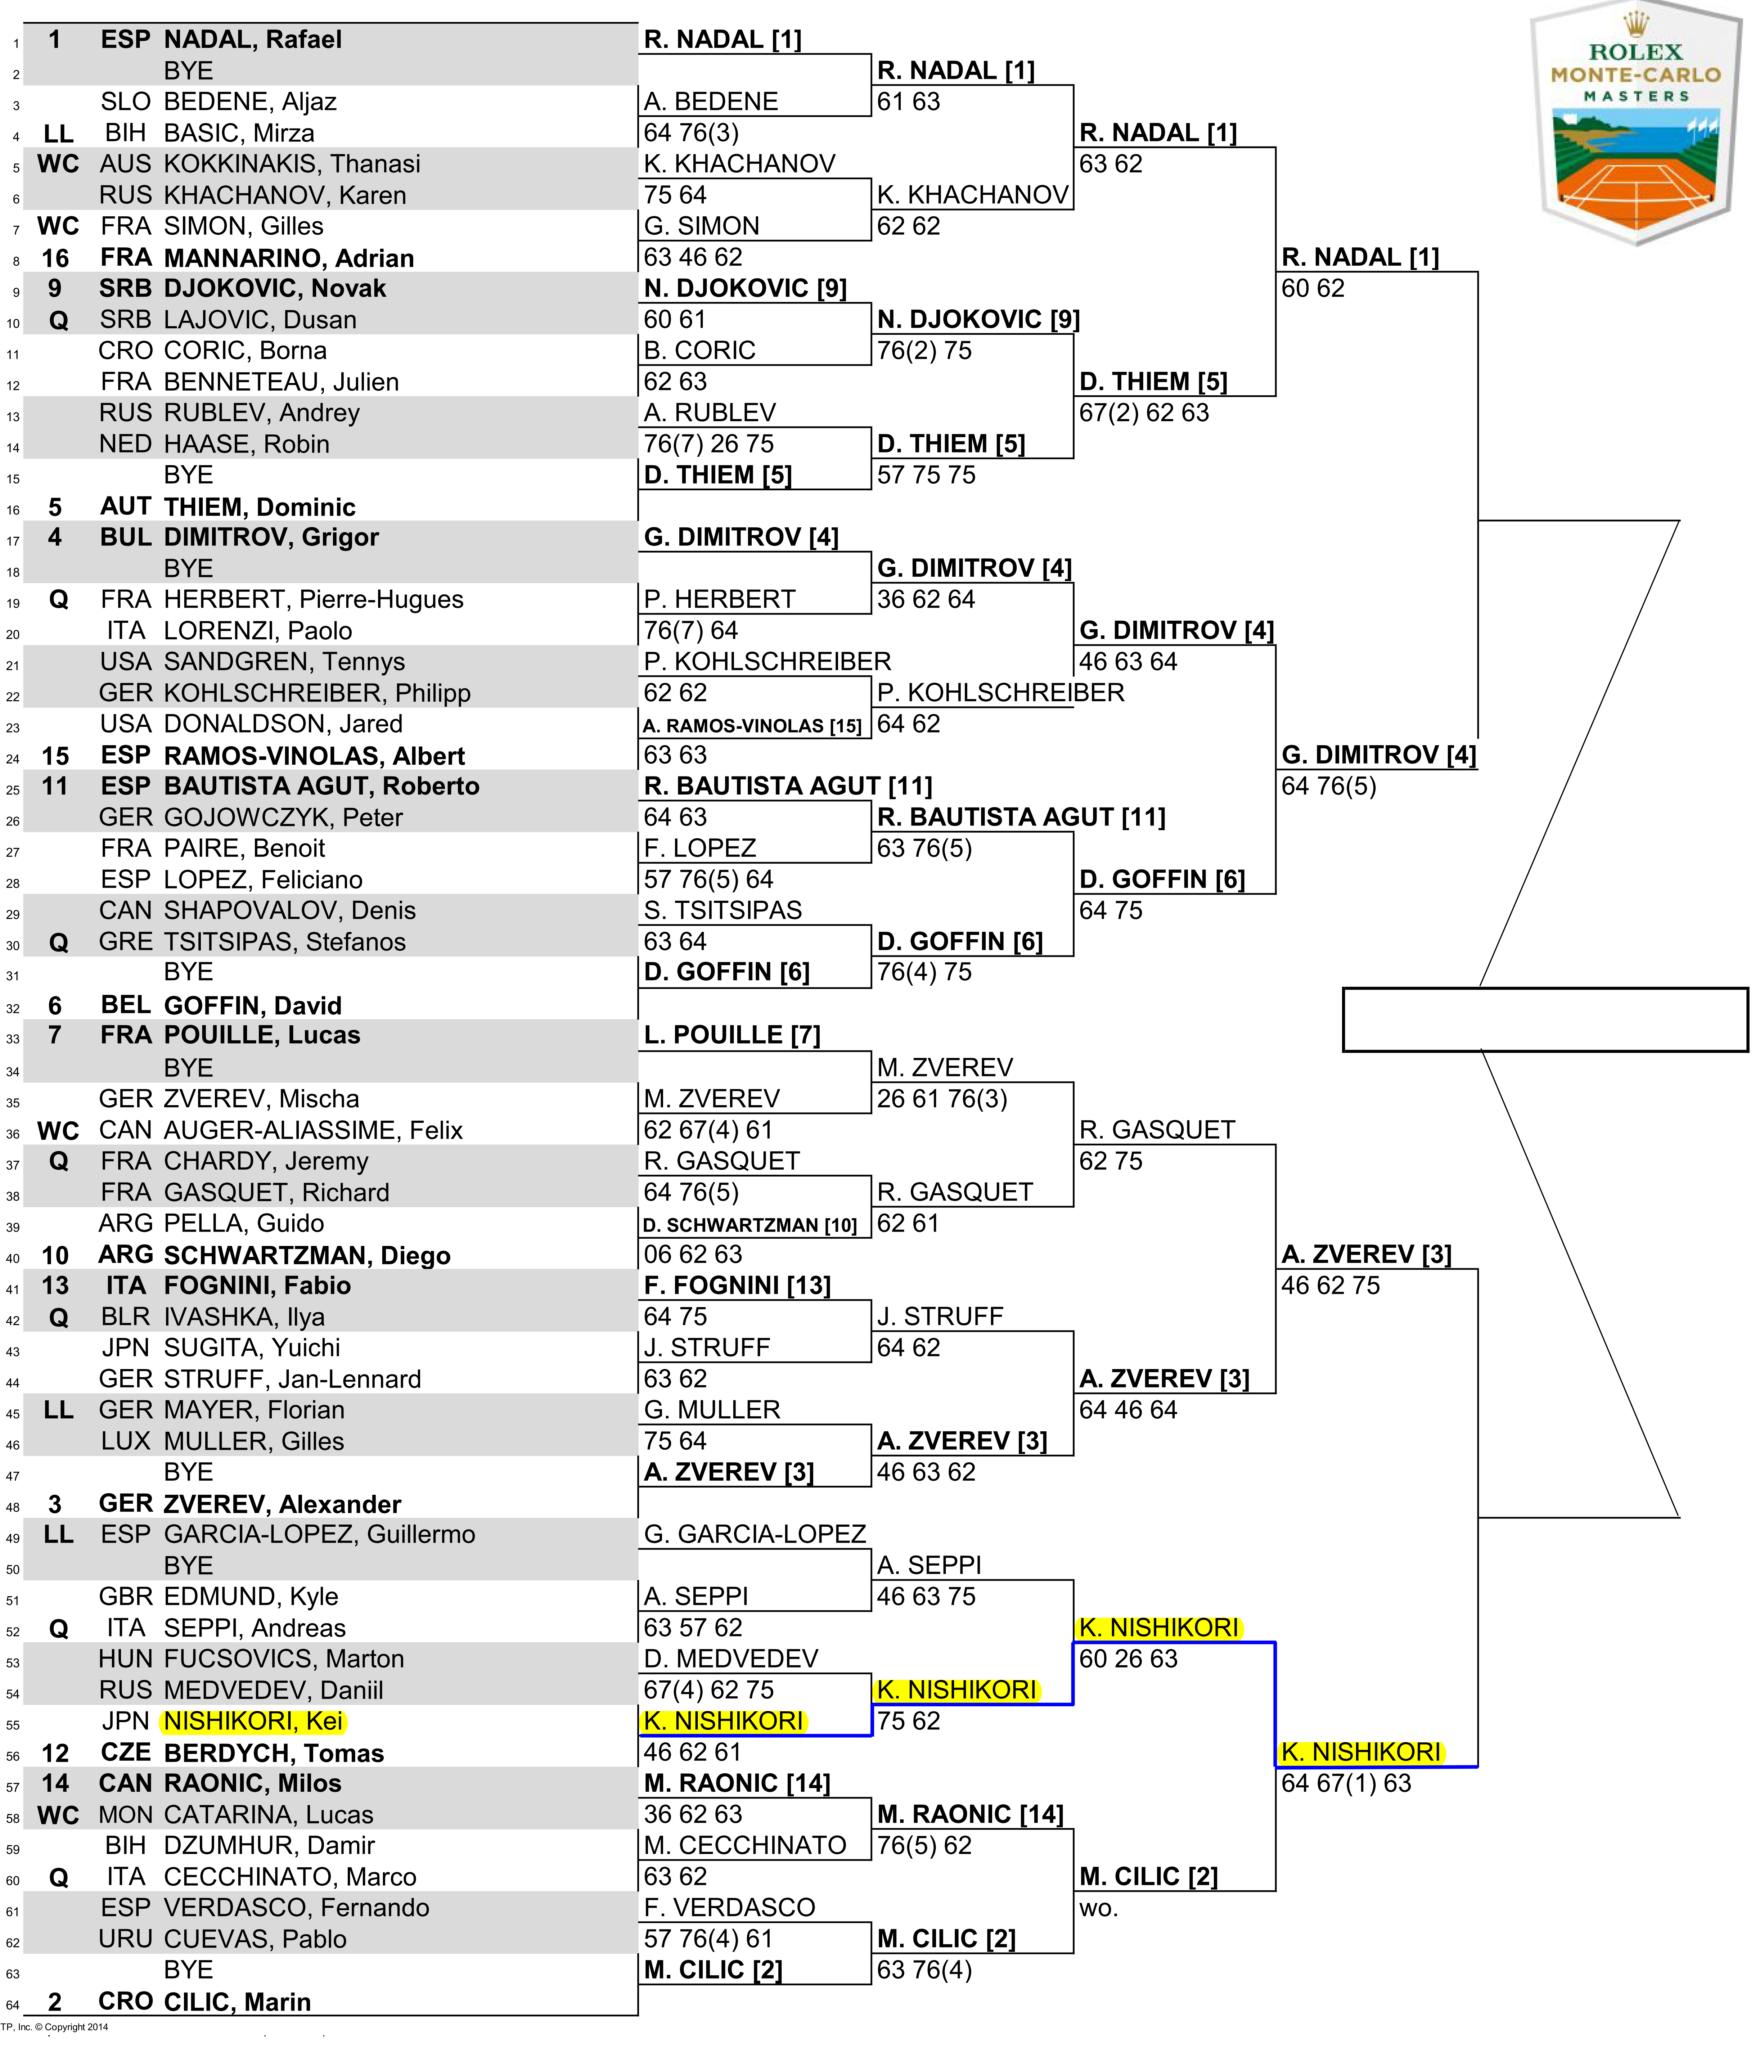 モンテカルロマスターズ2018準決勝のドロー(トーナメント表)